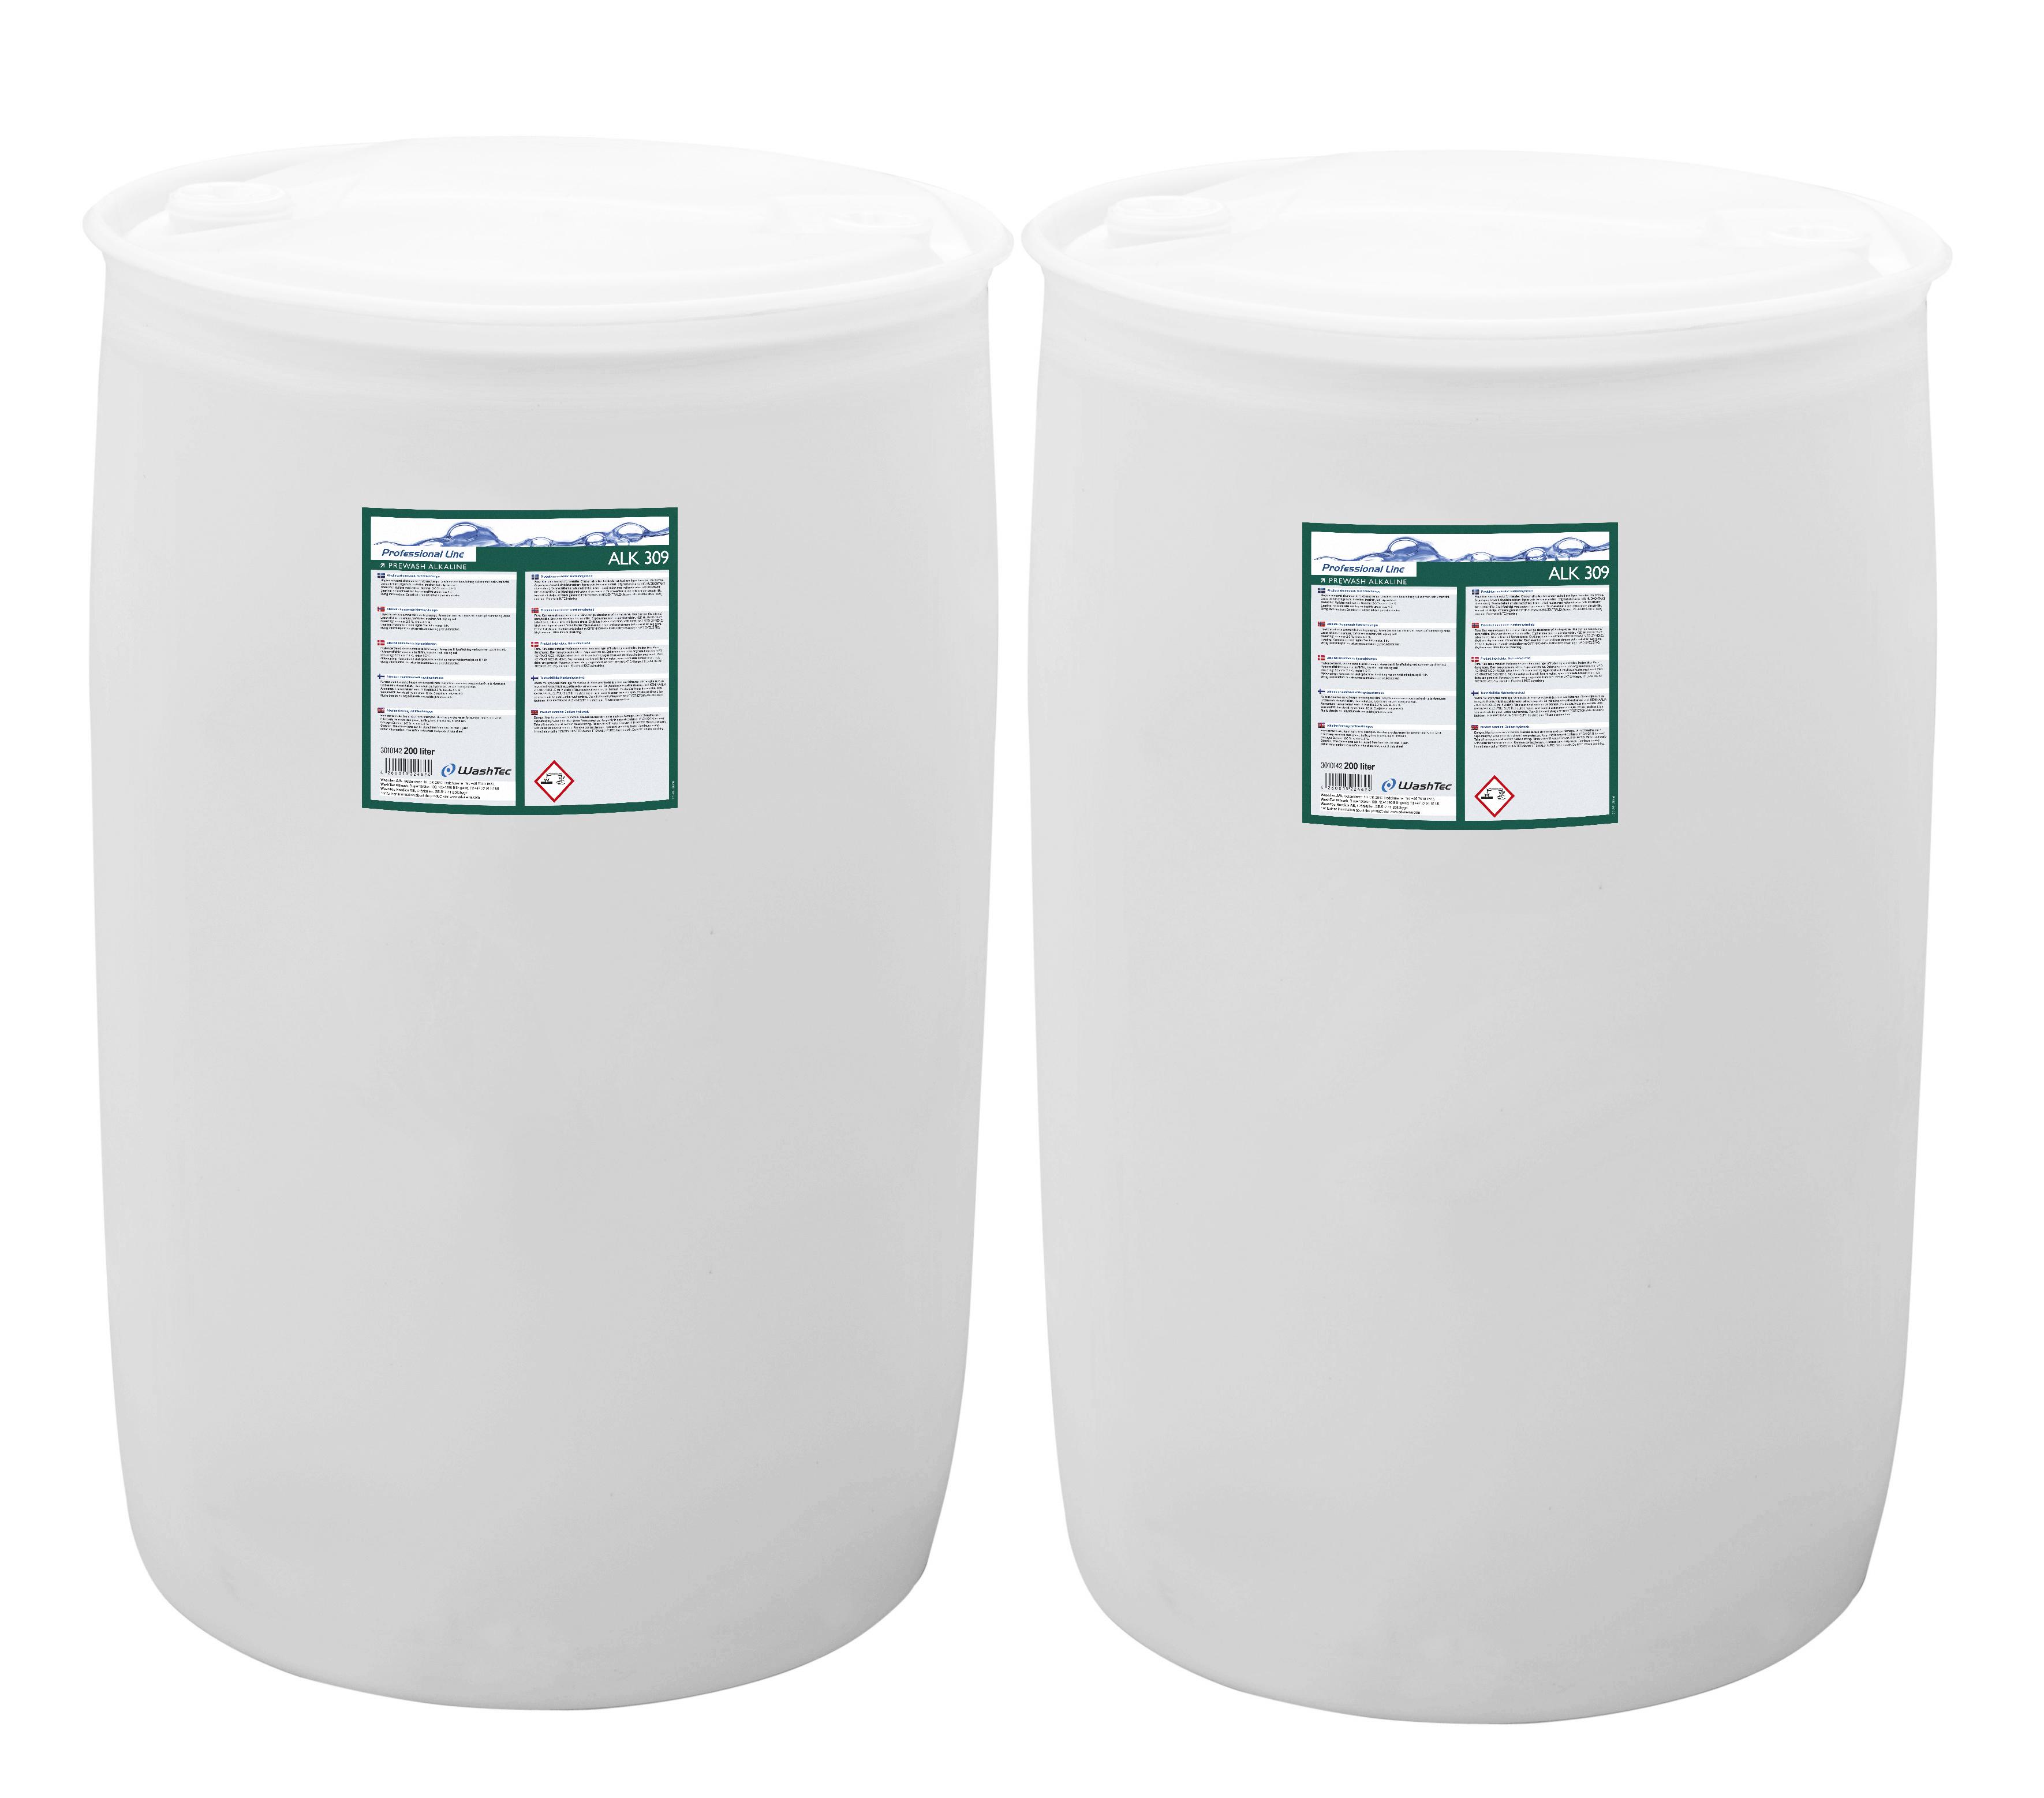 ALK 309 - Prewash Alkaline,200